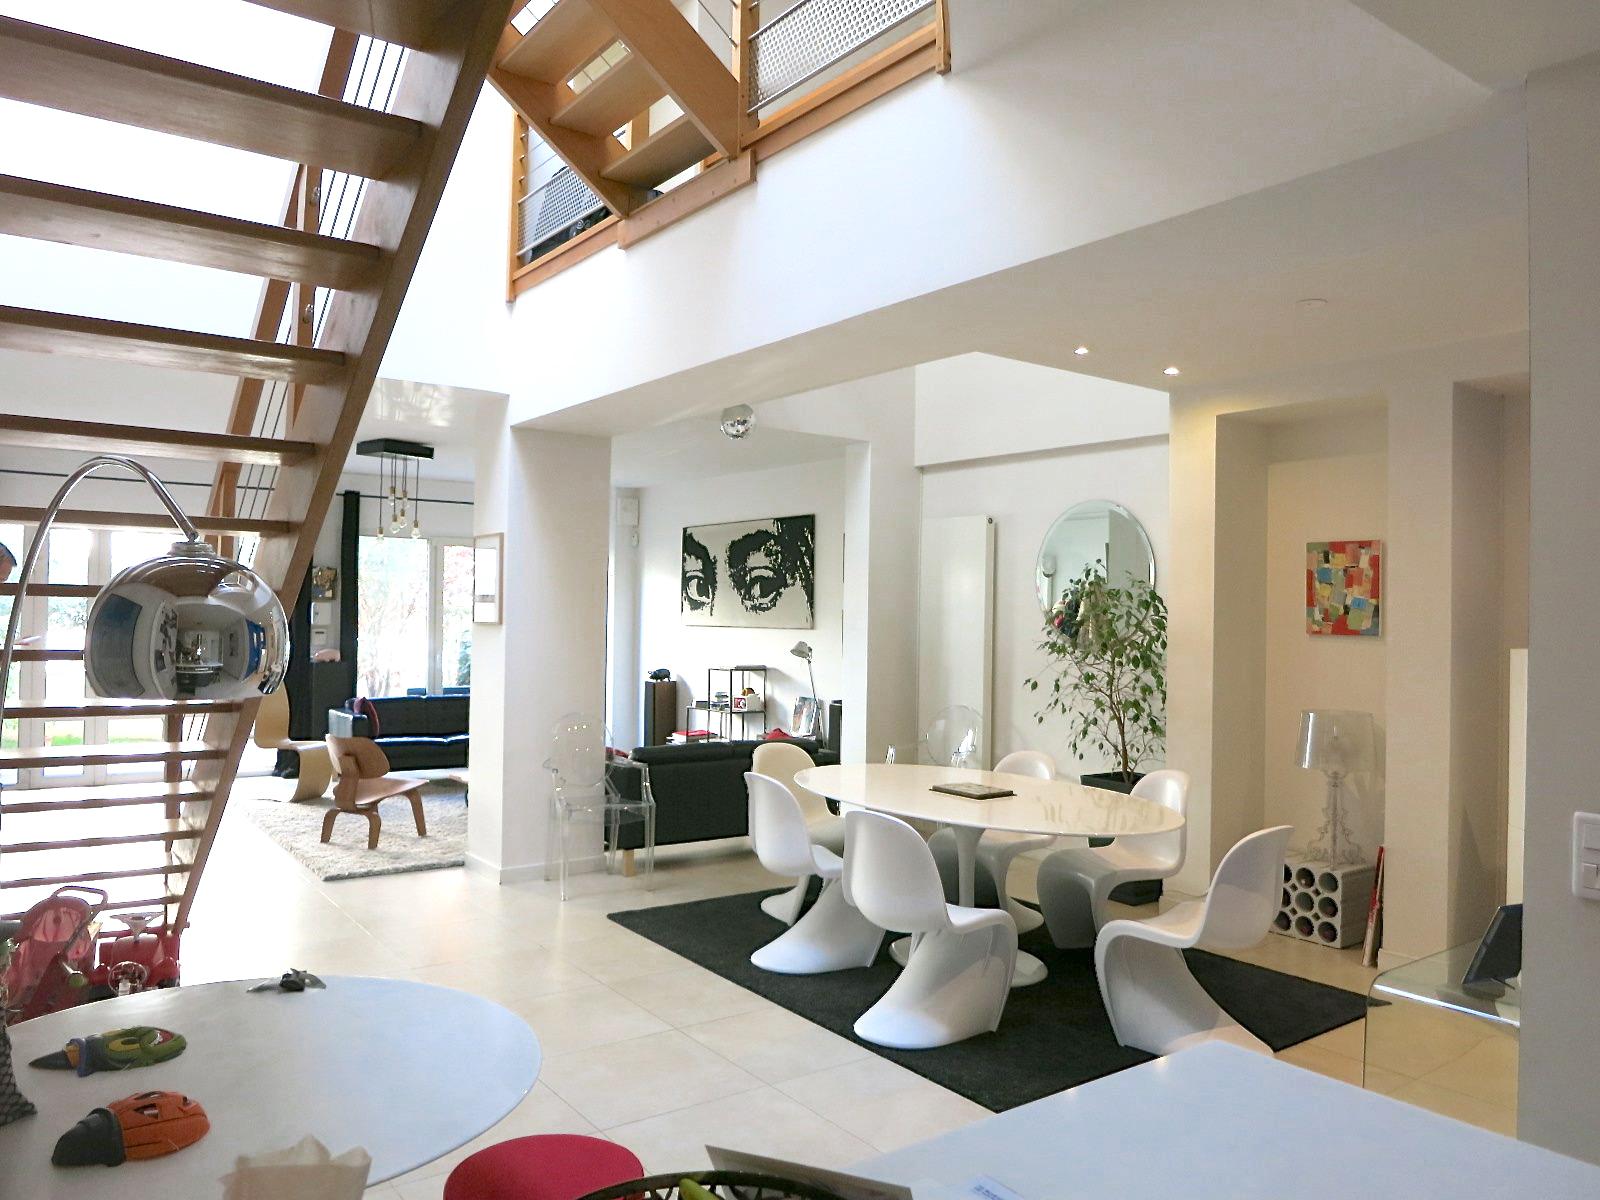 Immobilier Achat Vente Maison Appartement Loft Colombes Asnieres Courbevoie La Garenne-Colombes Bois-Colombes Levallois